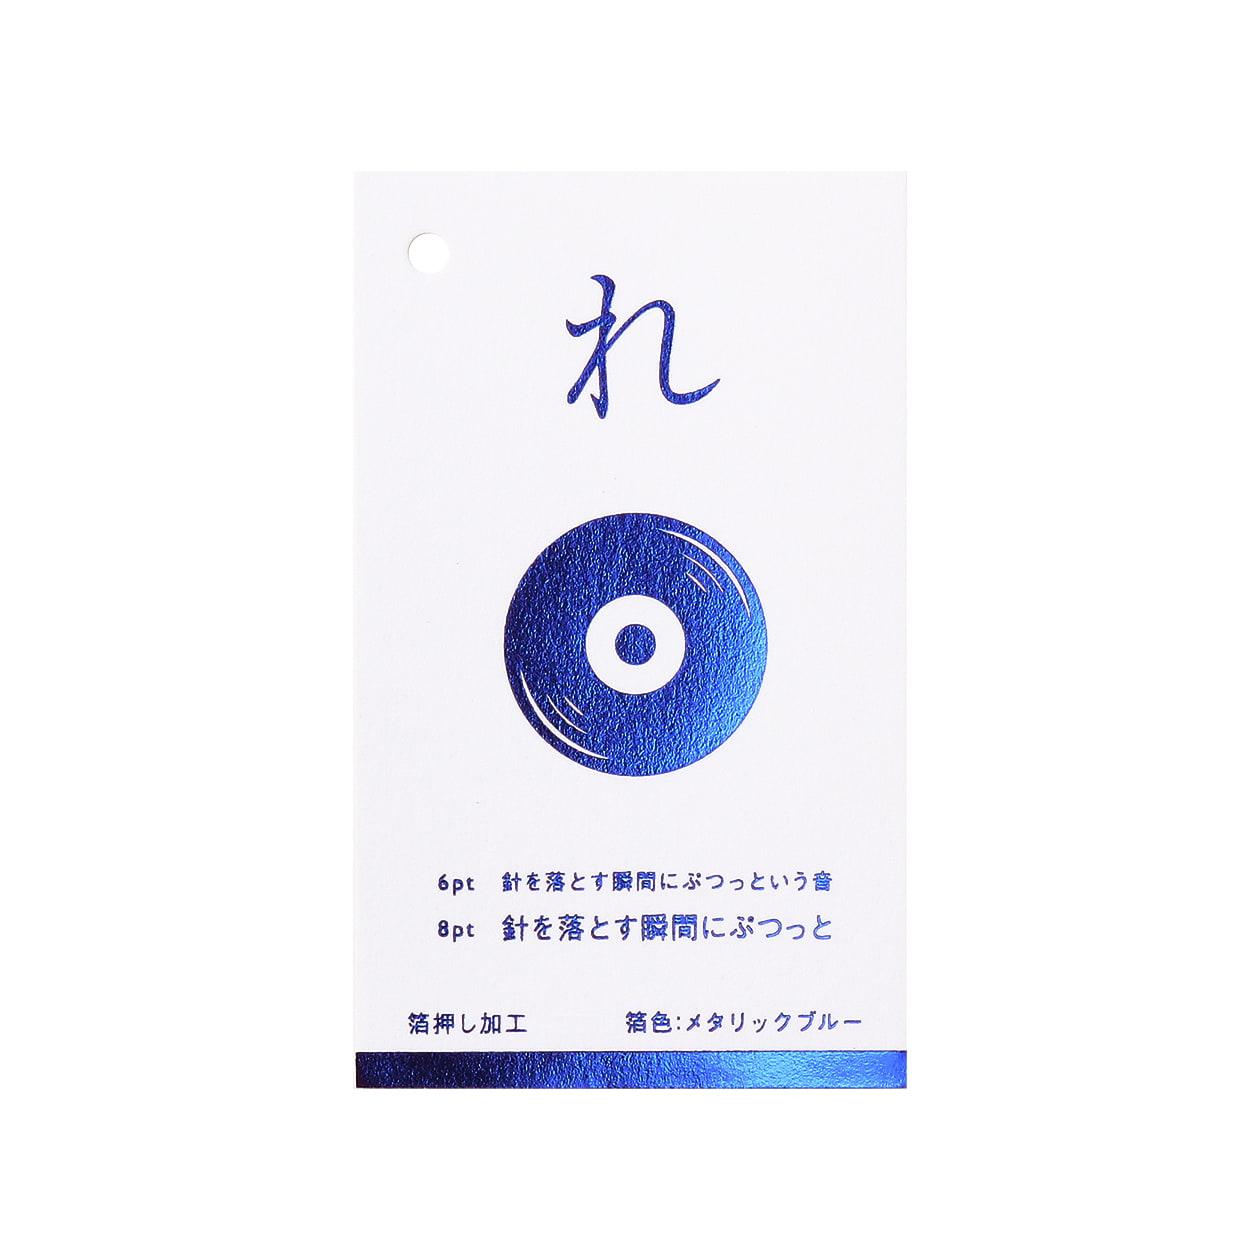 箔色見本 00196 メタリックブルー箔 コットンスノーホワイト 232.8g